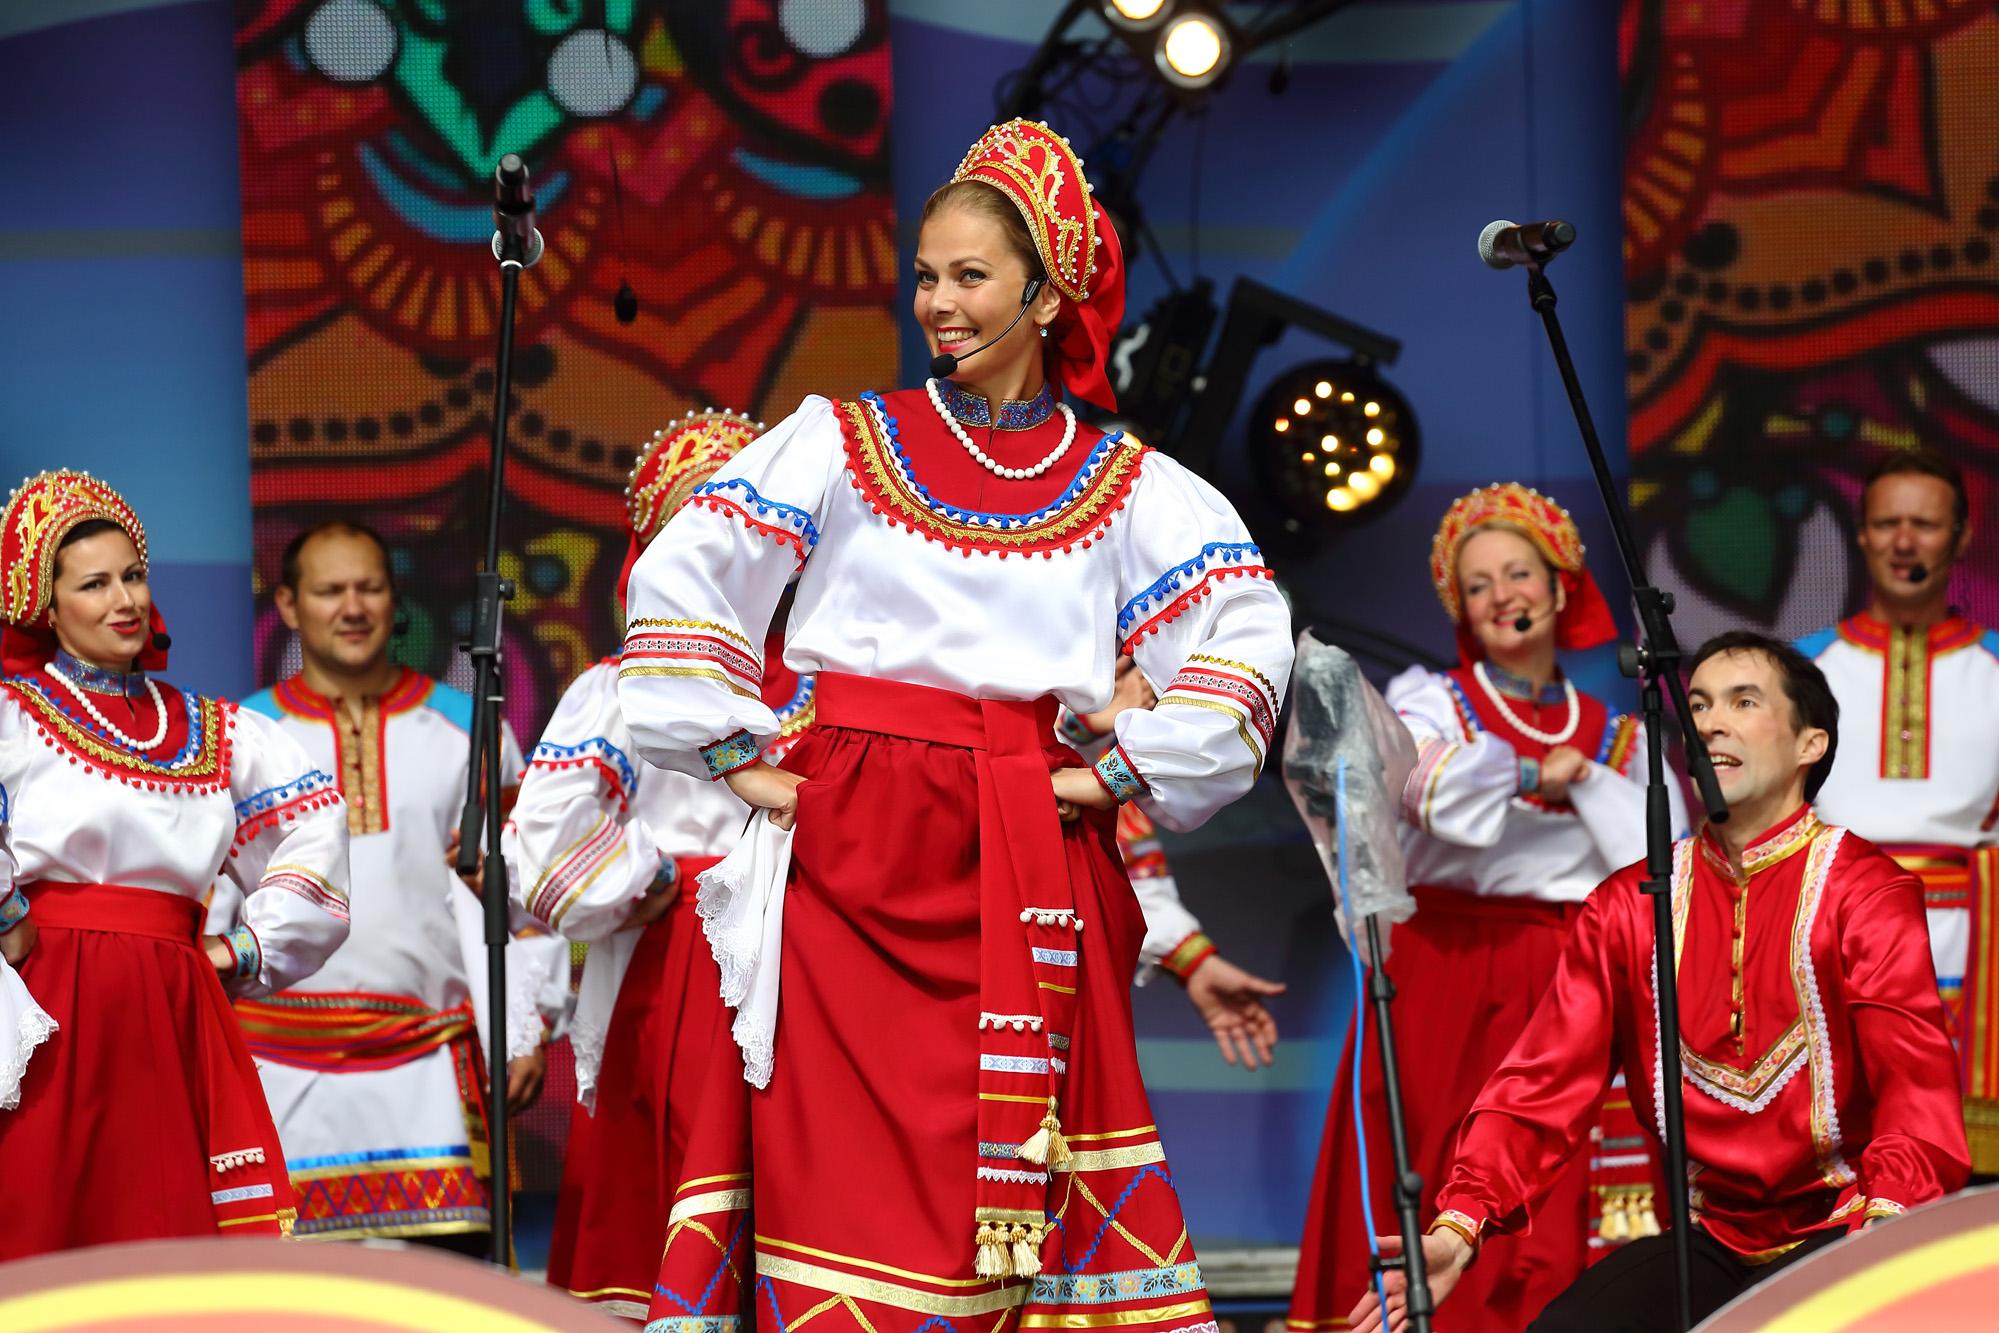 фестиваль Русское поле